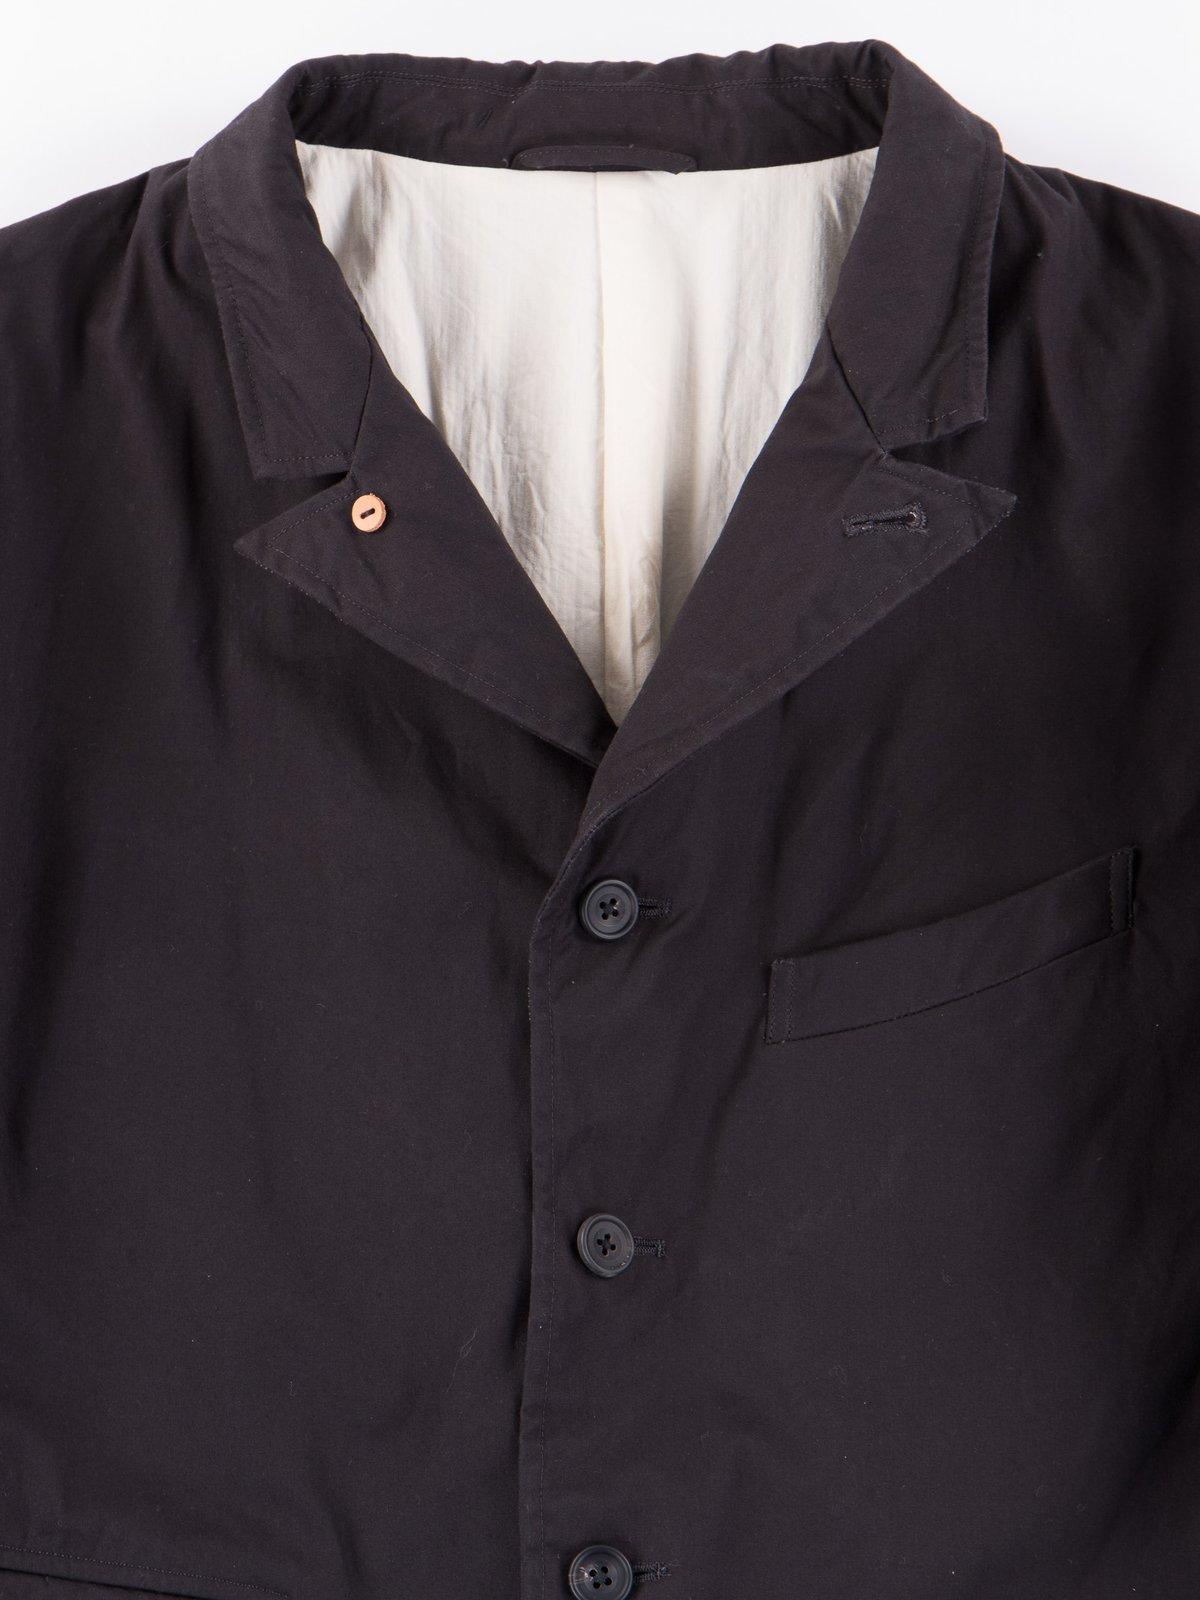 Deep Navy Old Potter Jacket - Image 2